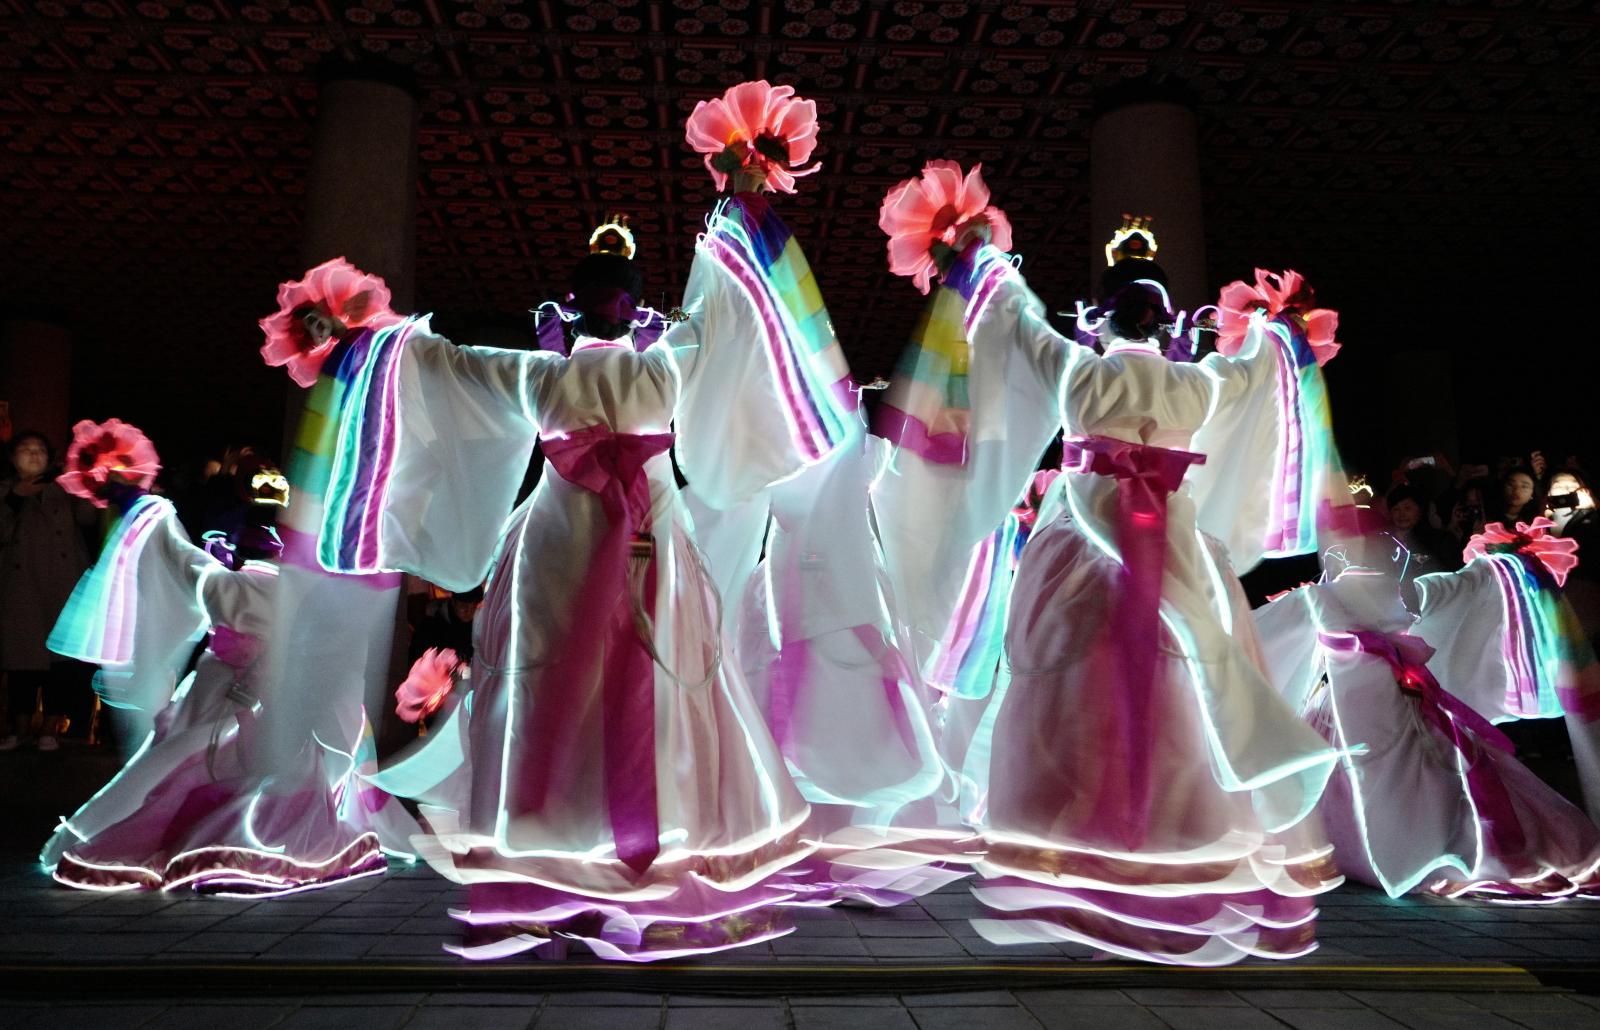 Festiwal kulturowy w Seulu, Korea Południowa. Fot. PAP/EPA/JEON HEON-KYUN